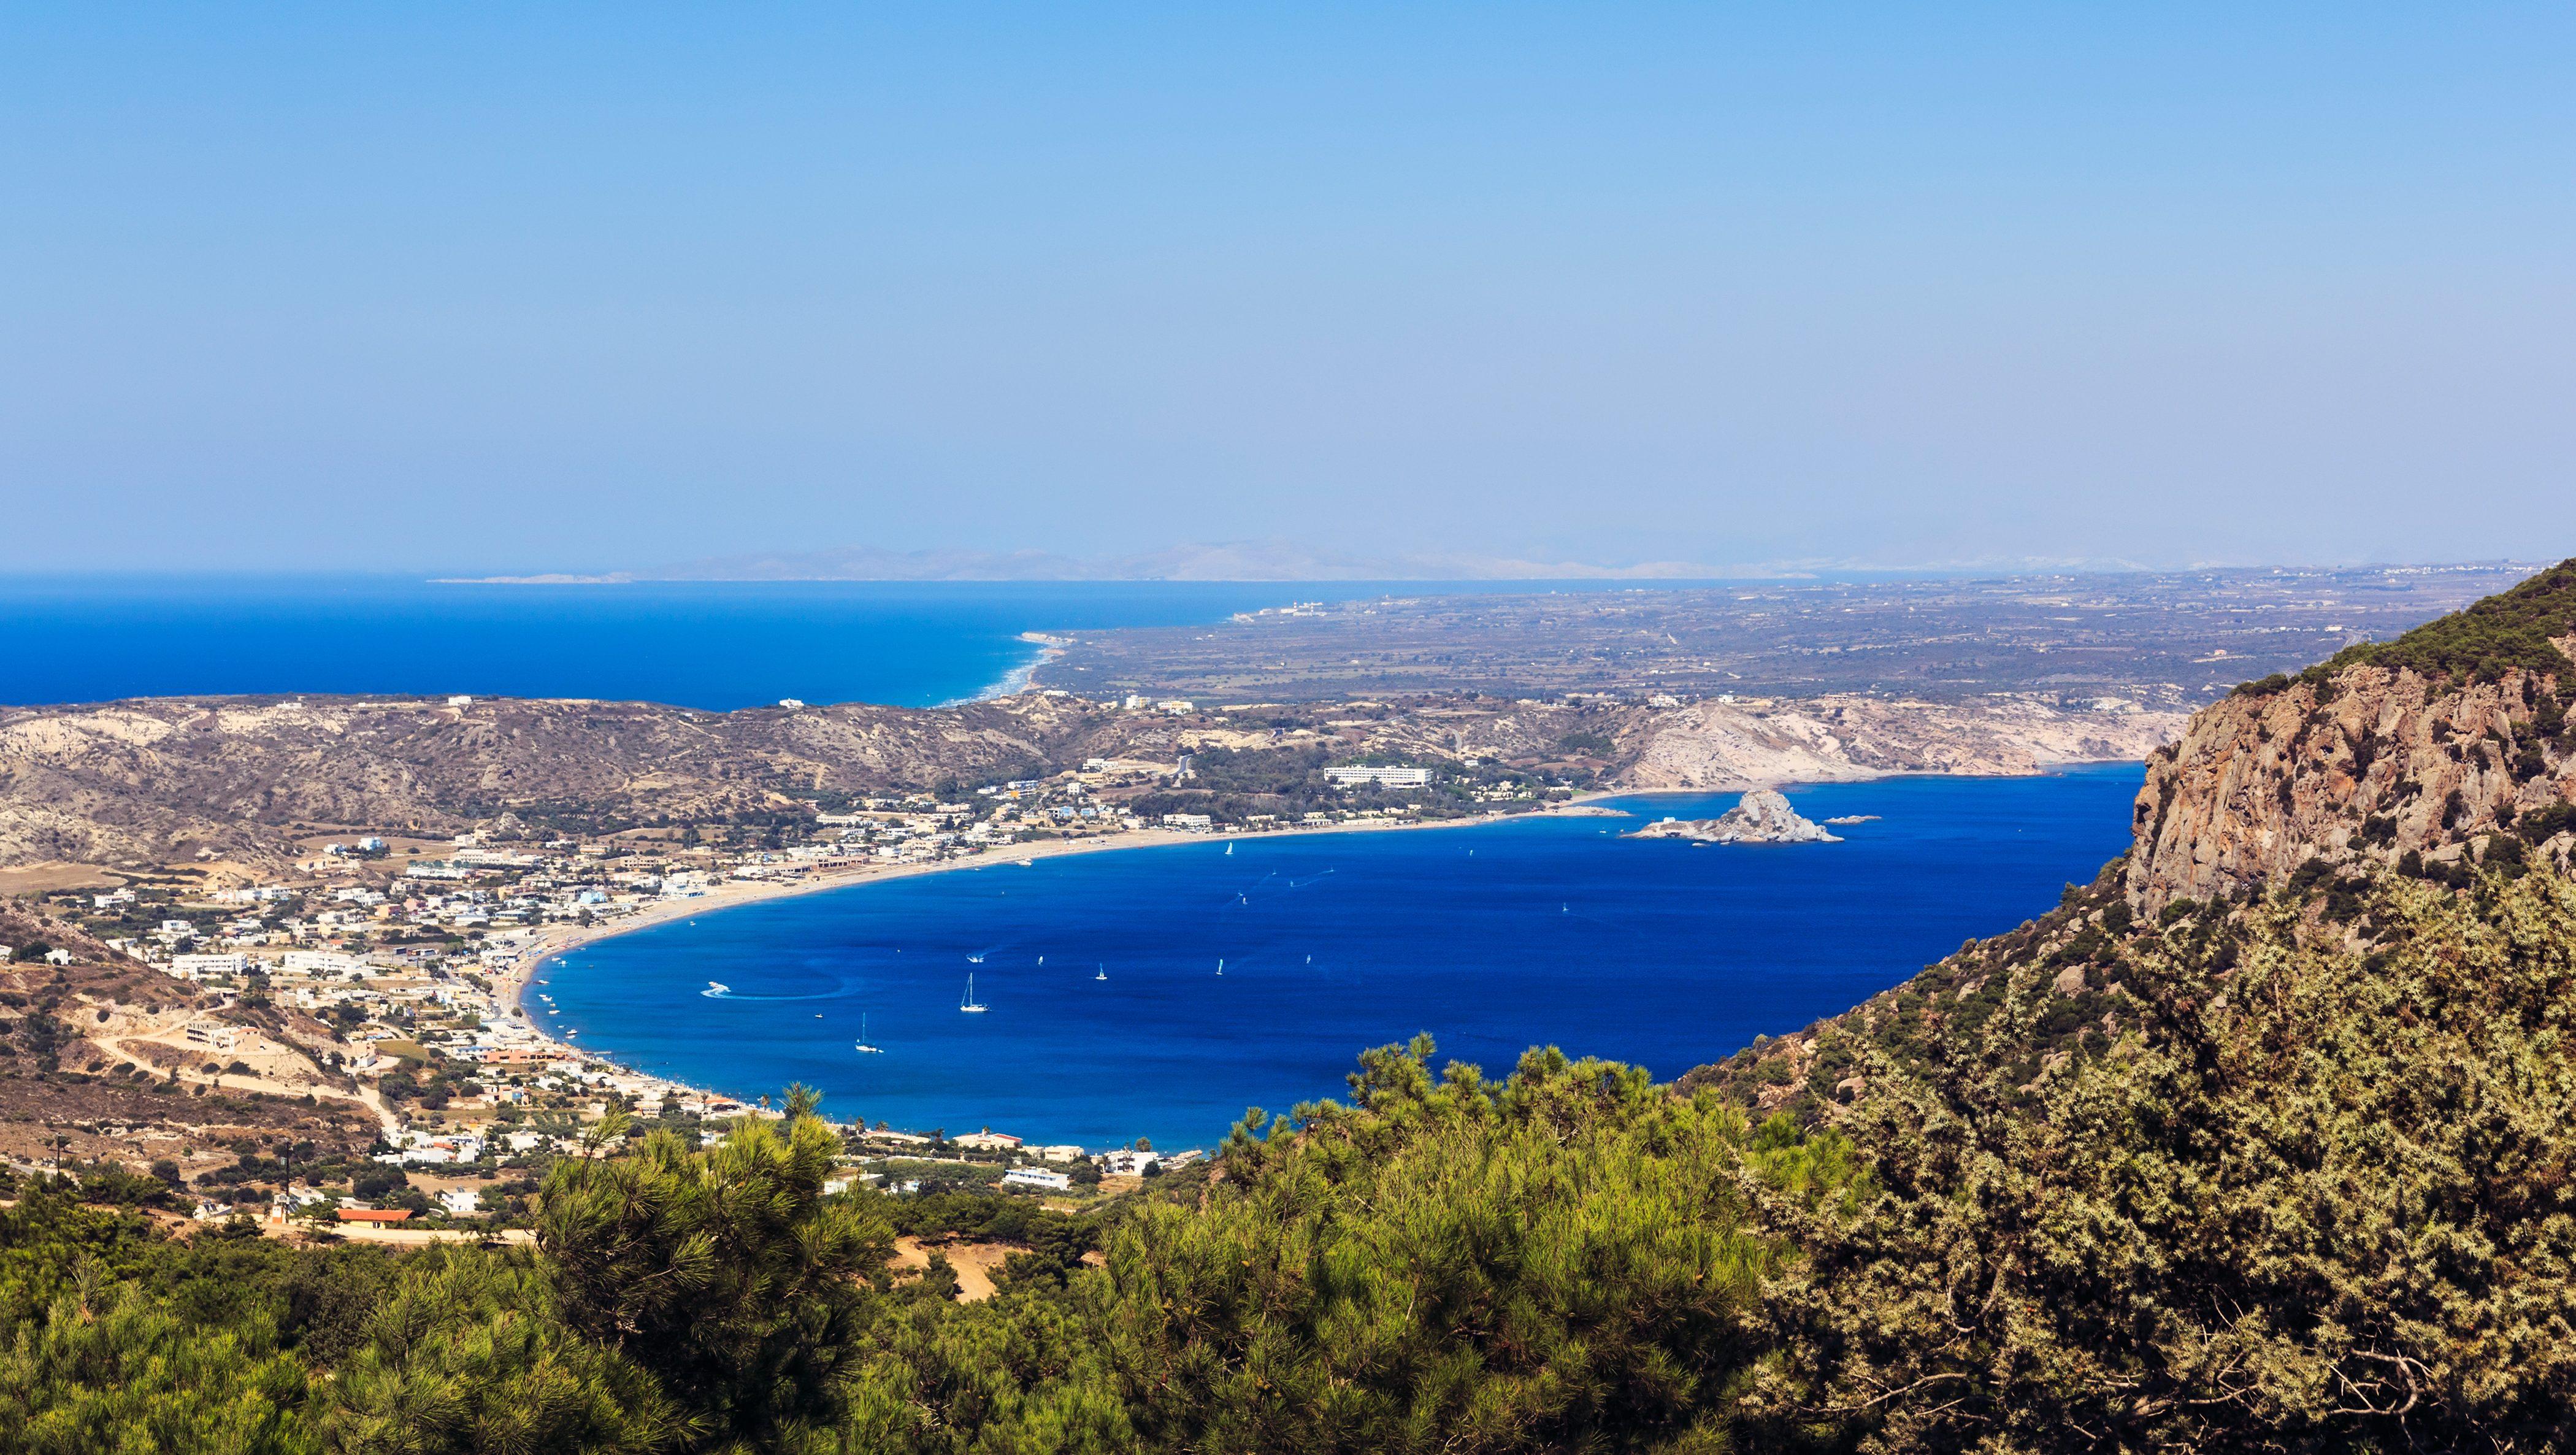 Vacanza in Grecia a Kefalos 8 giorni con volo A/R da 247€